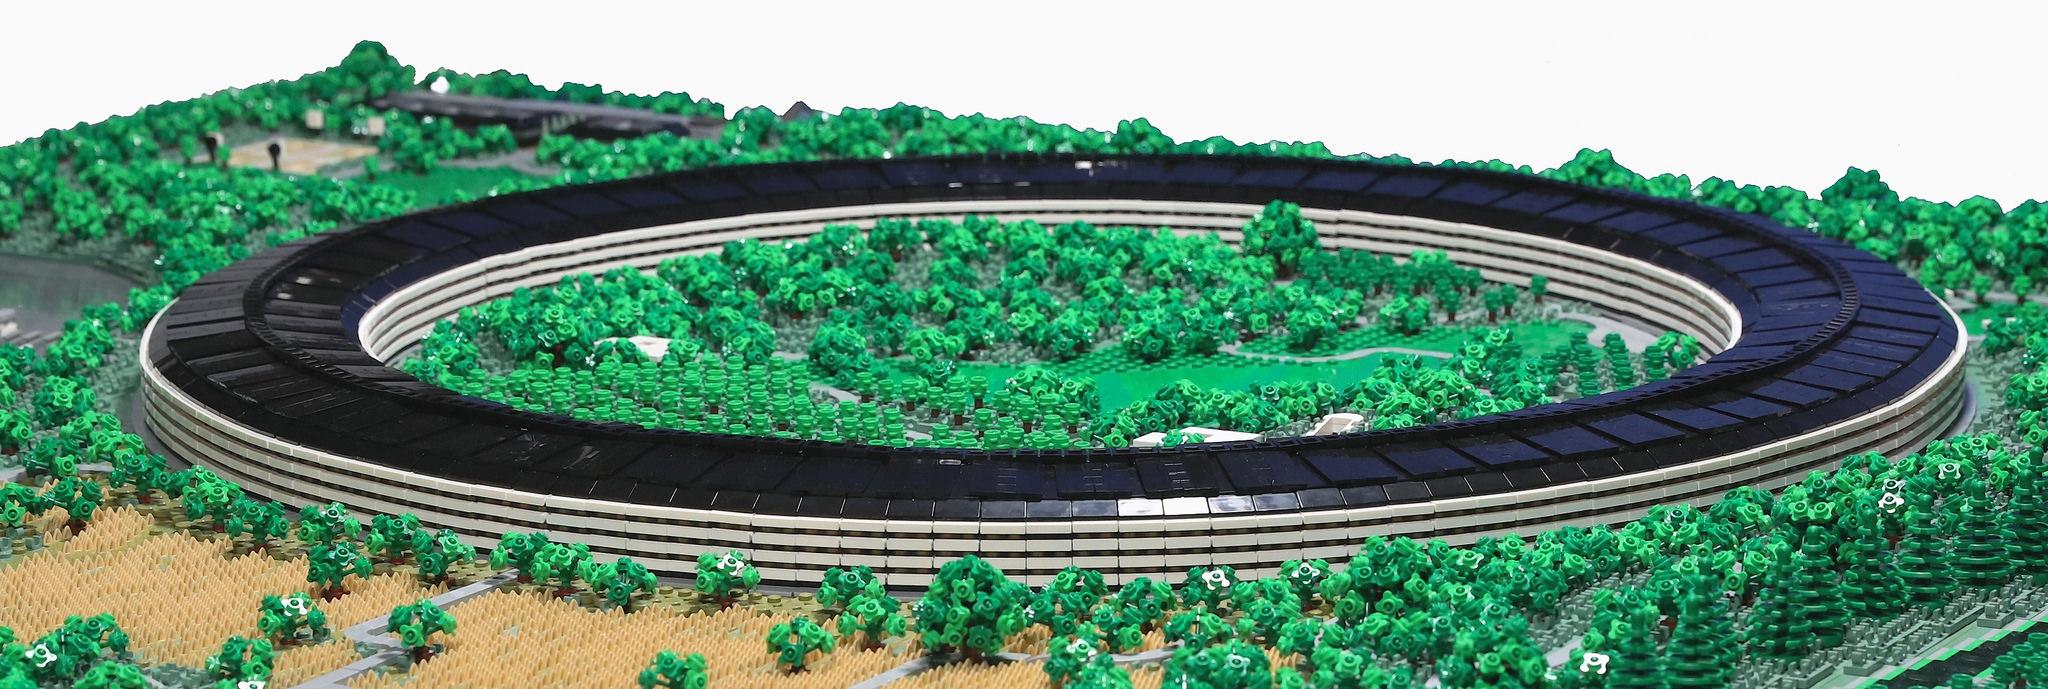 Apple Park LEGO